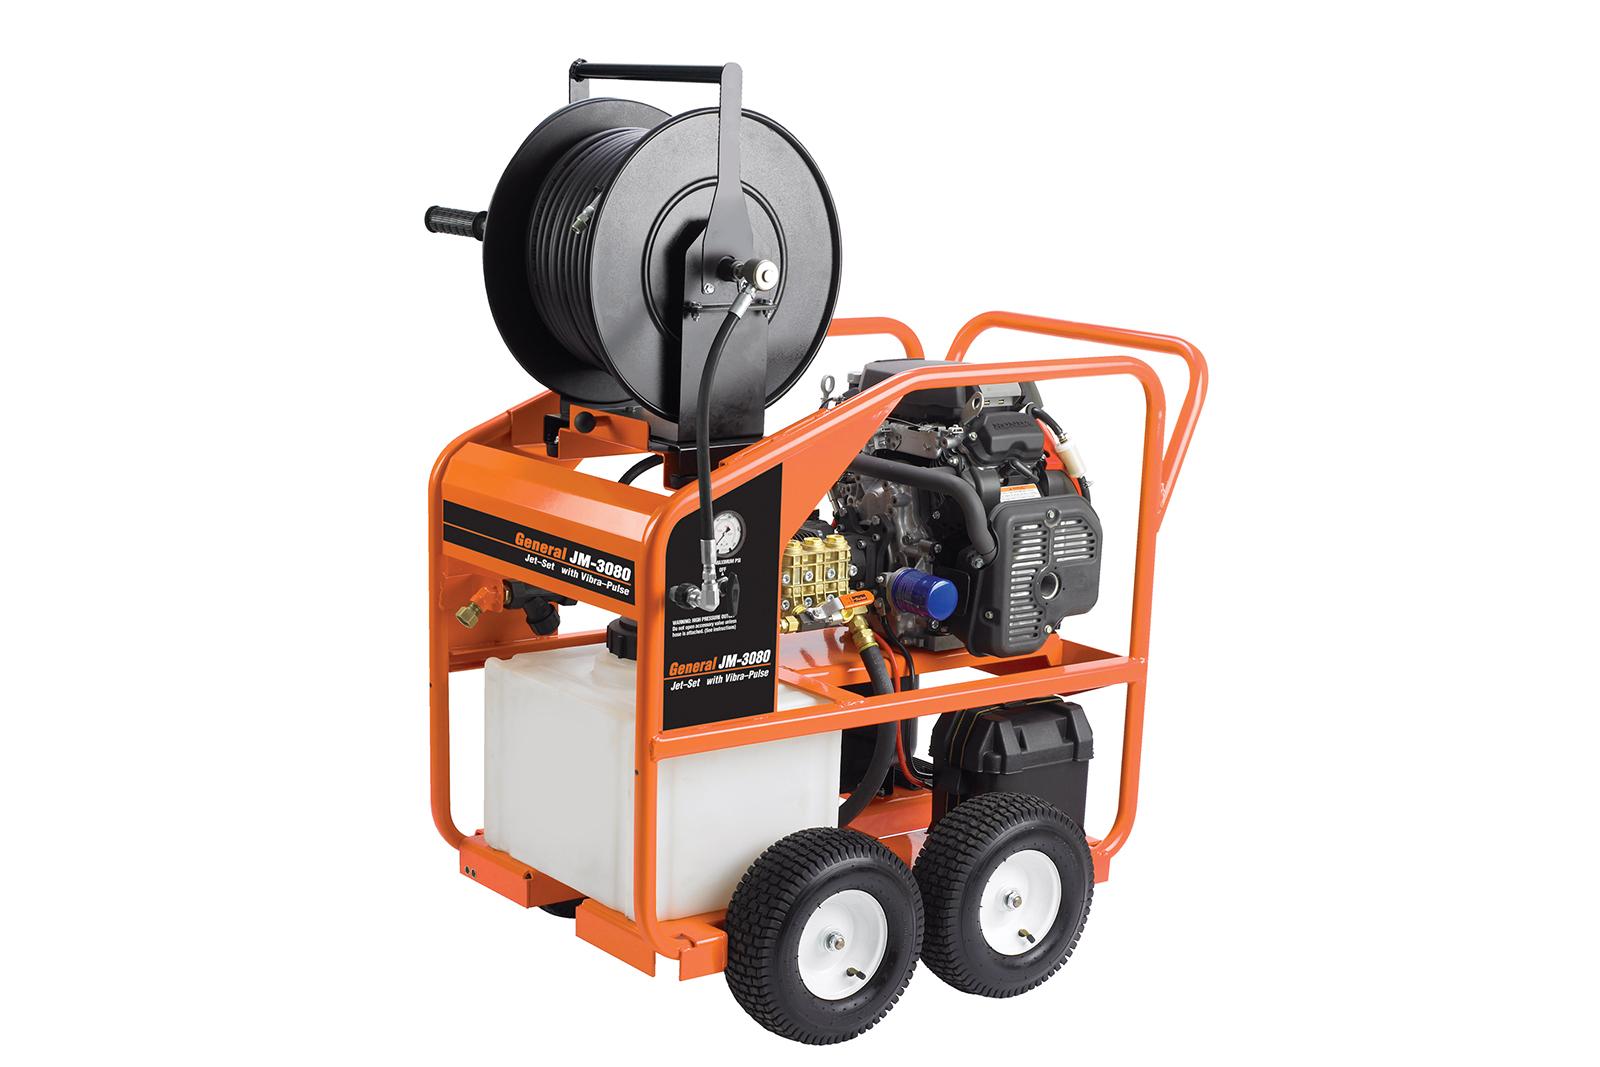 Прочистная машина General pipe Jm-3080-b прочистная машина посейдон вна б 210 10а